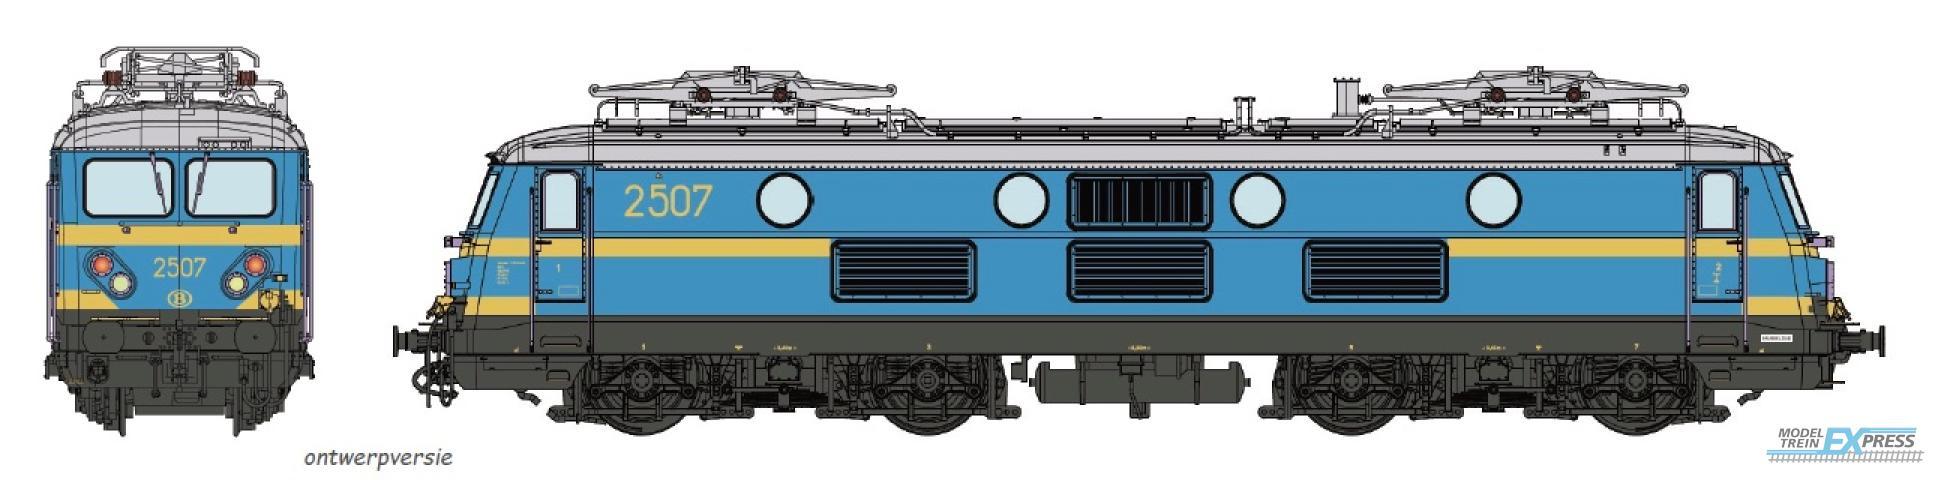 B-Models 3205.04